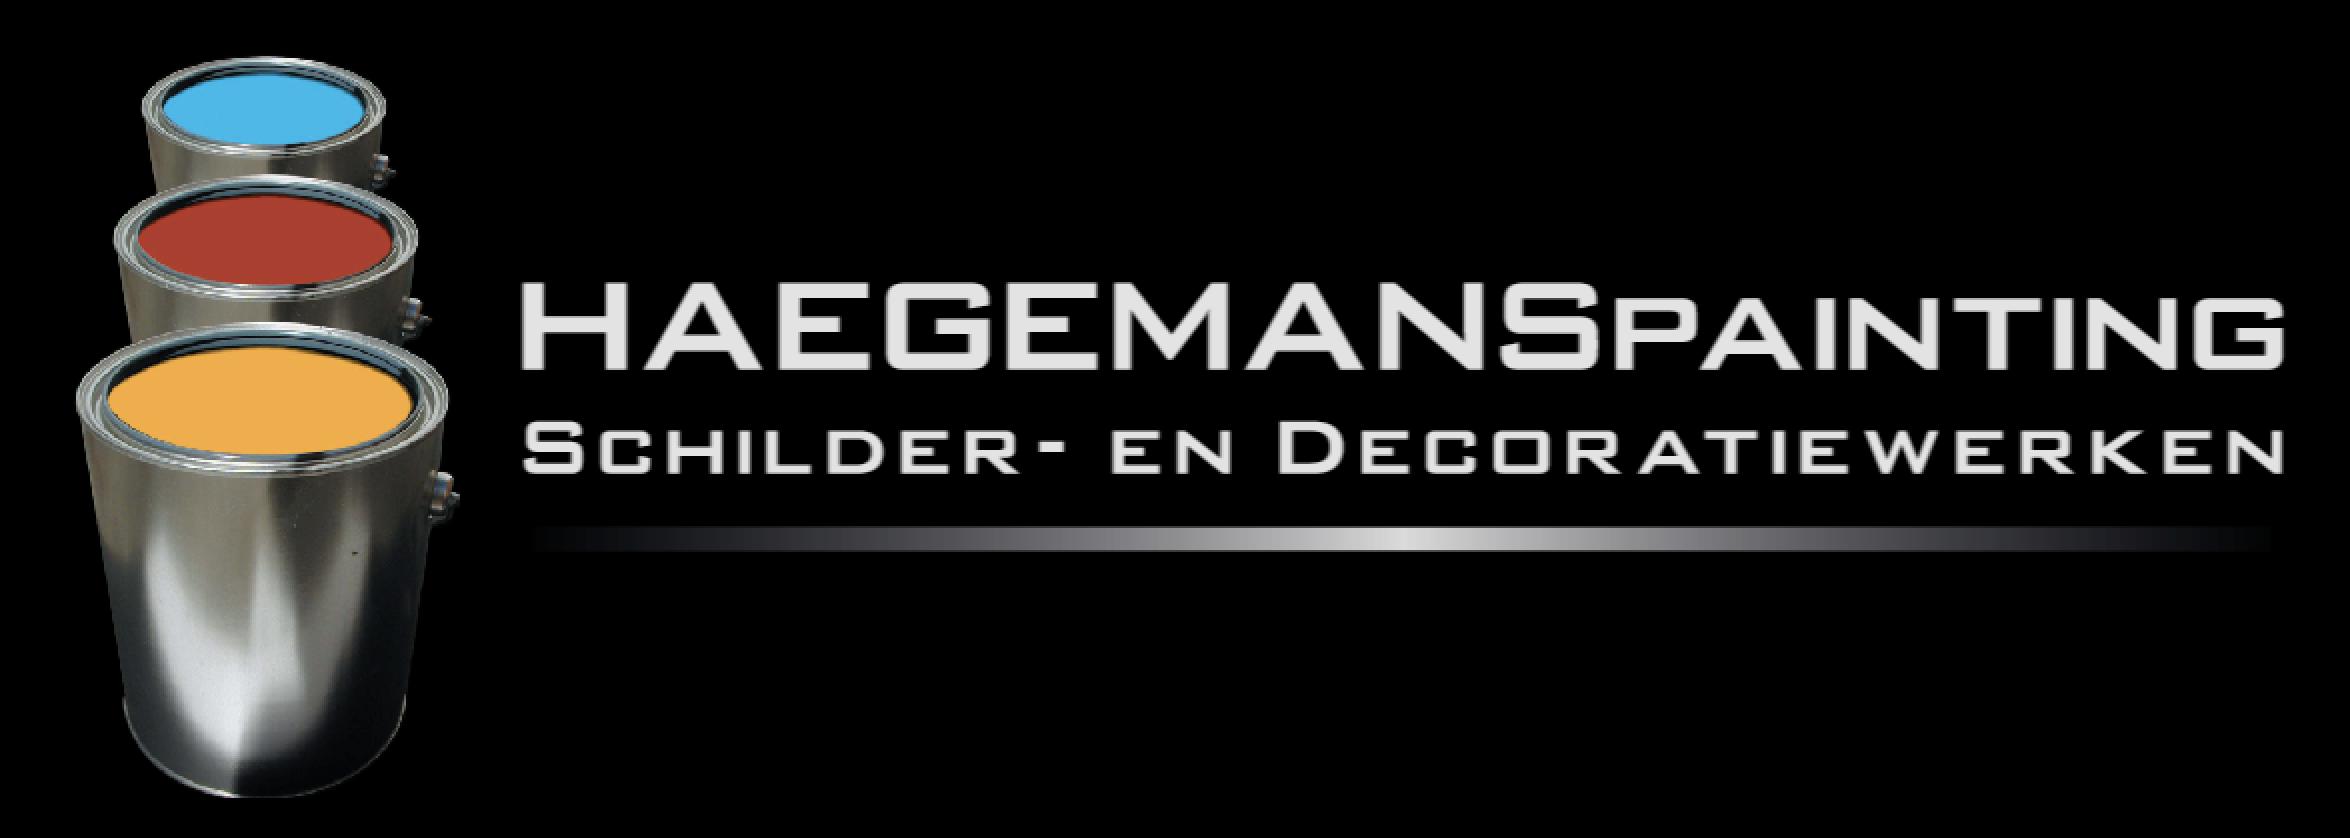 Haegemans Painint, schilder, schilderwerken, schildersbedrijf